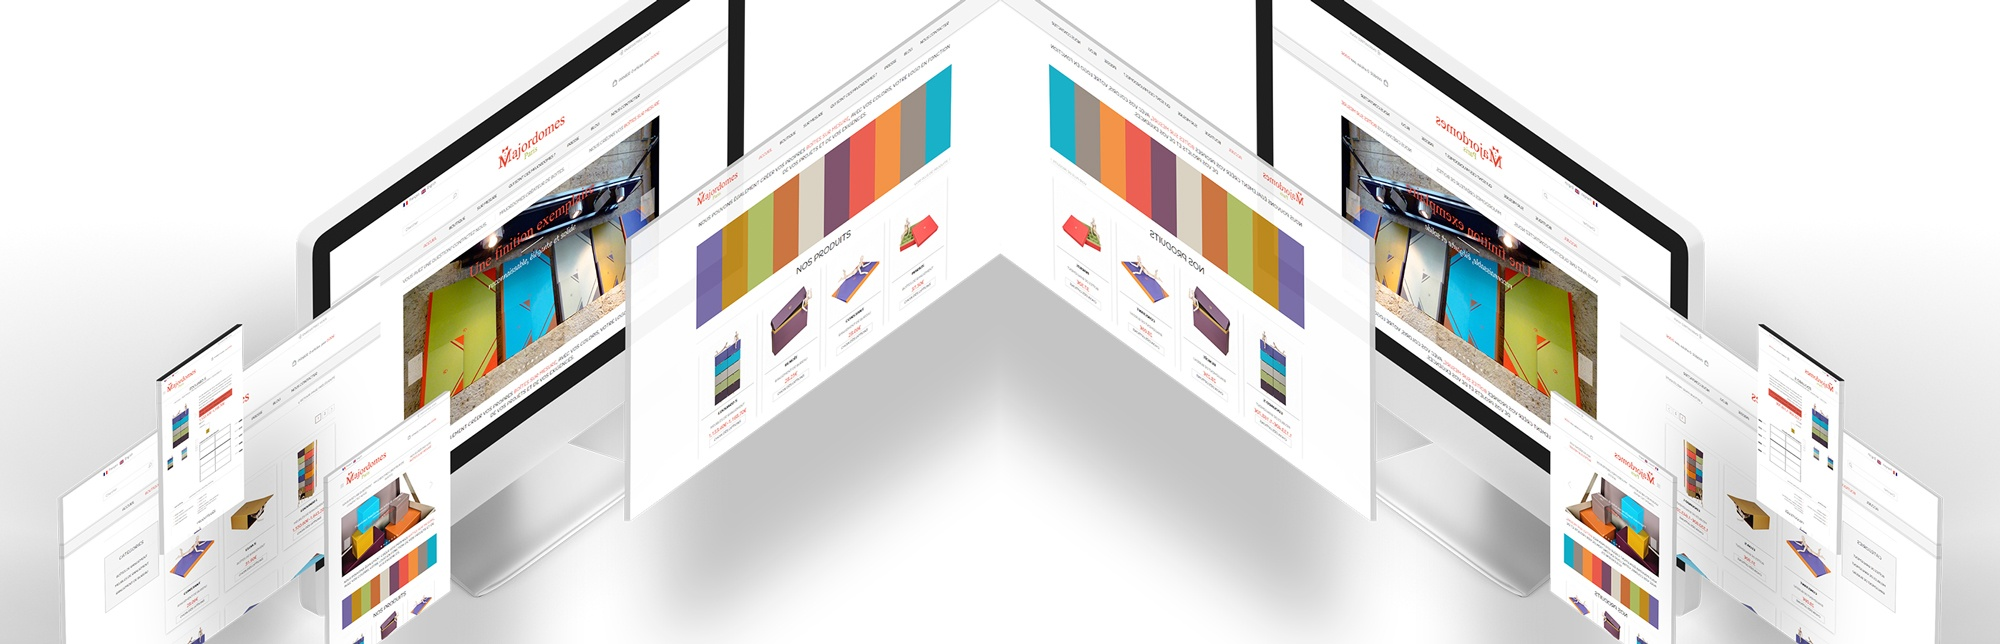 Création de site internet - Site E-Commerce - Visuel pour la création de site internet